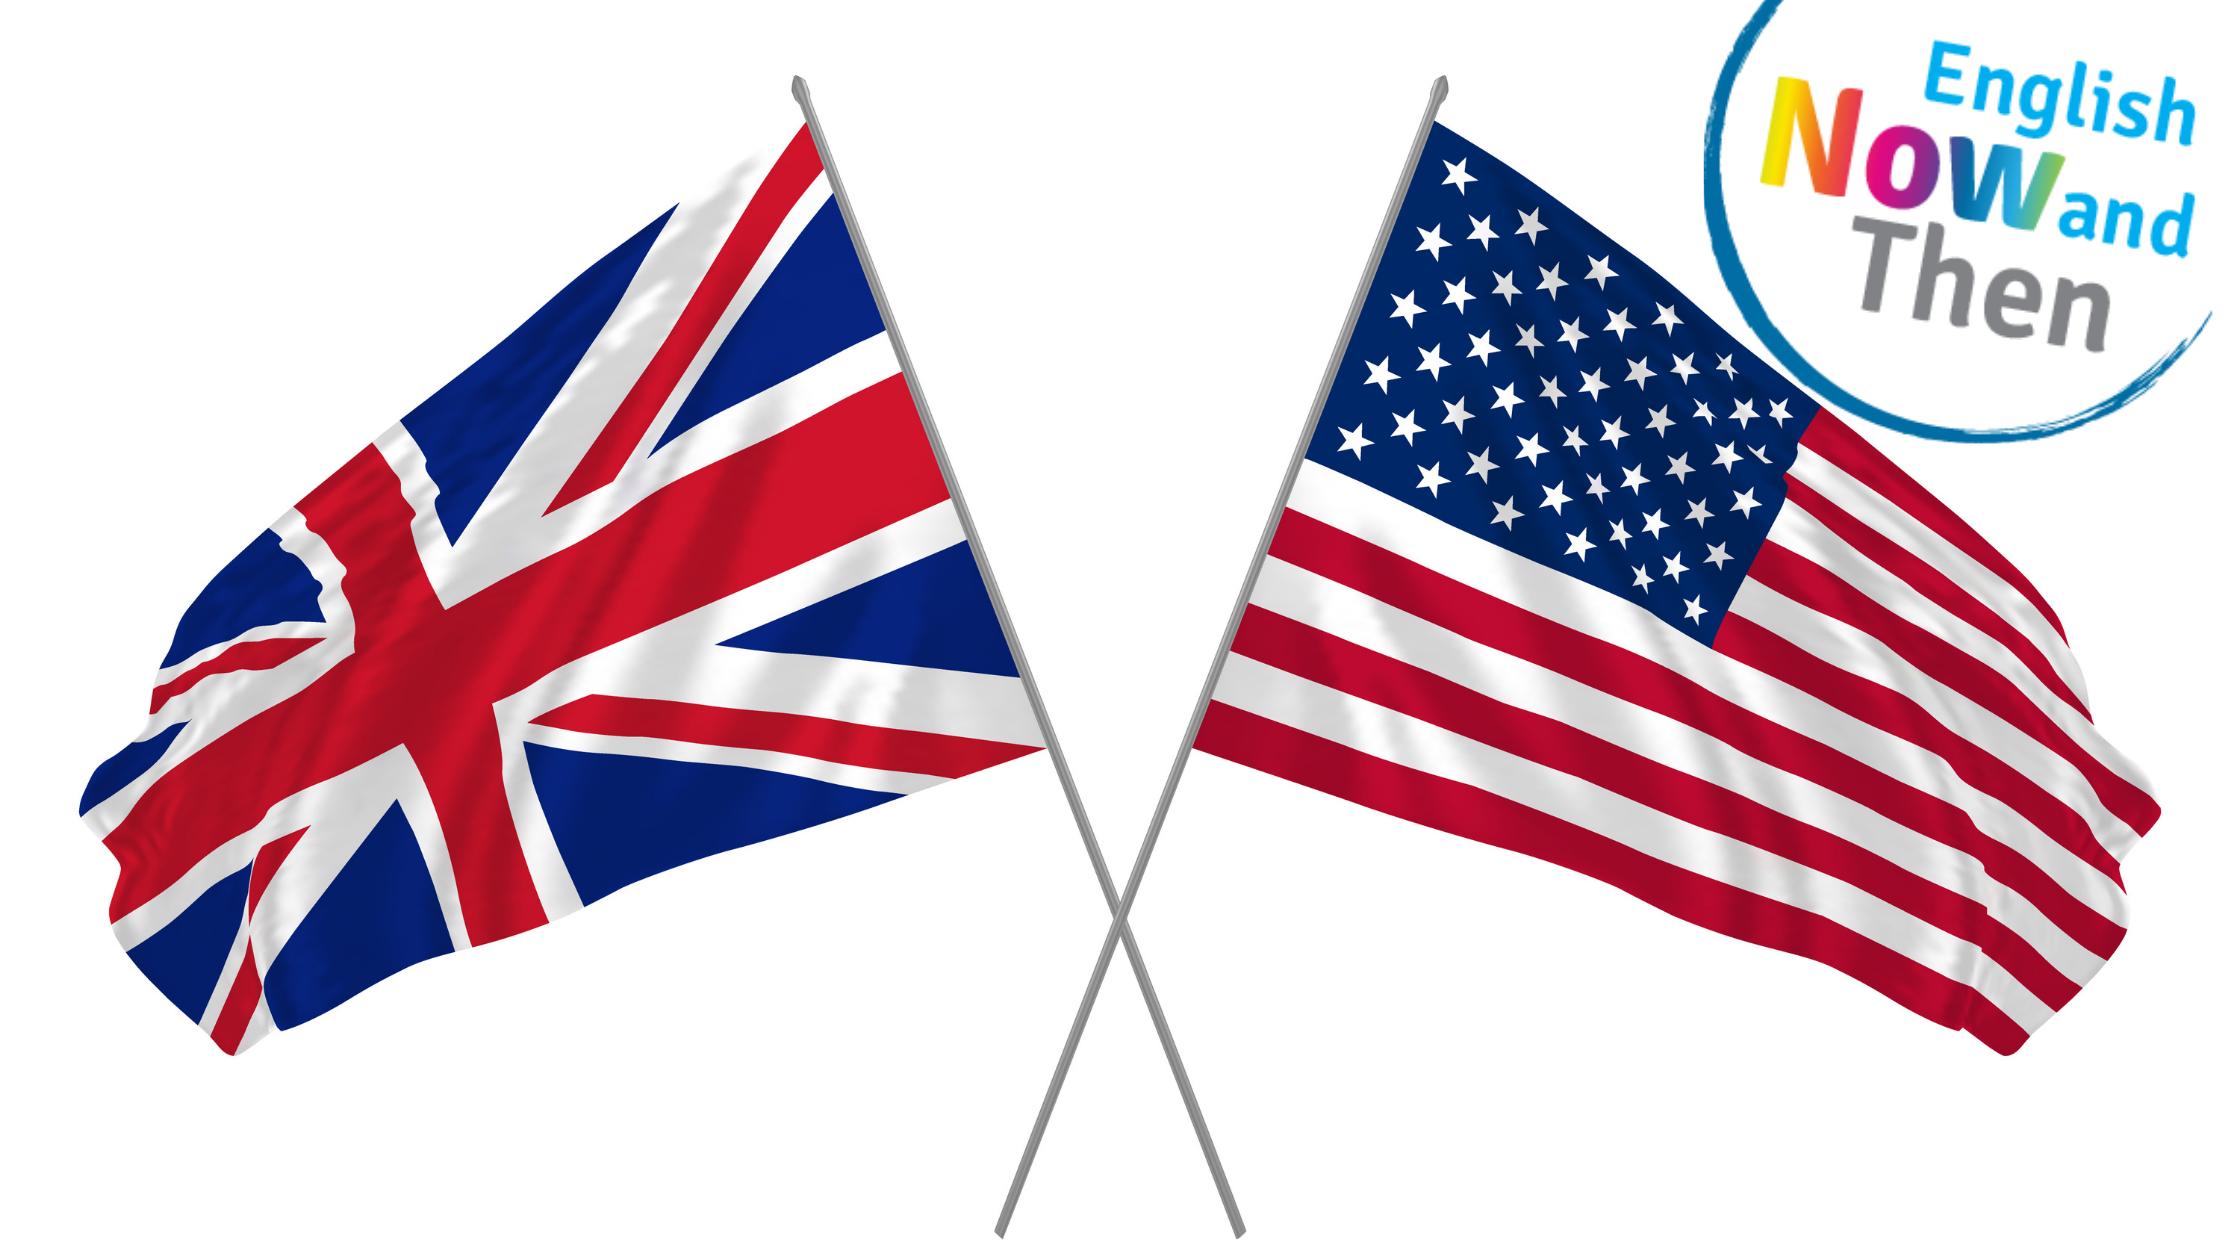 Ameriška in britanska zastava